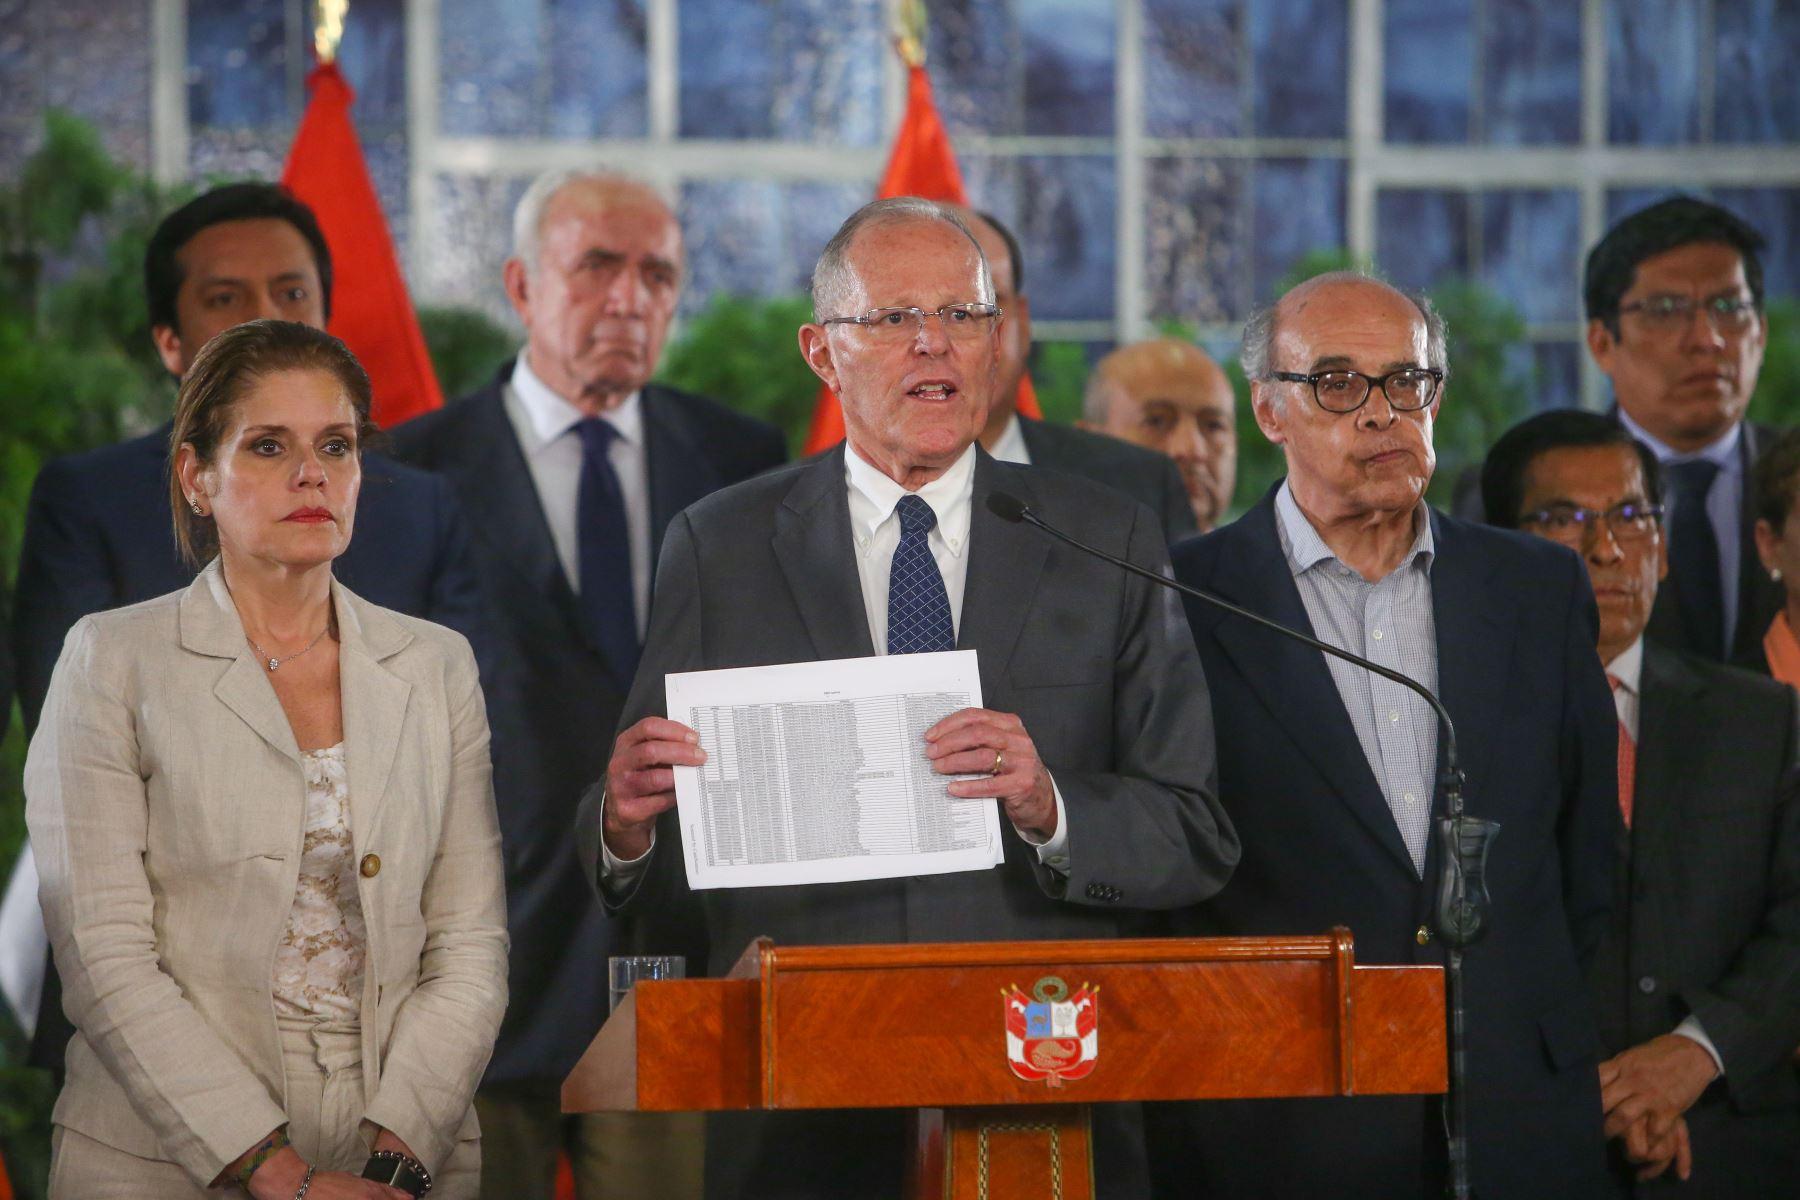 Mensaje a la Nación del presidente Pedro Pablo Kuczynski en Palacio de gobierno. Foto: ANDINA/Prensa Presidencia